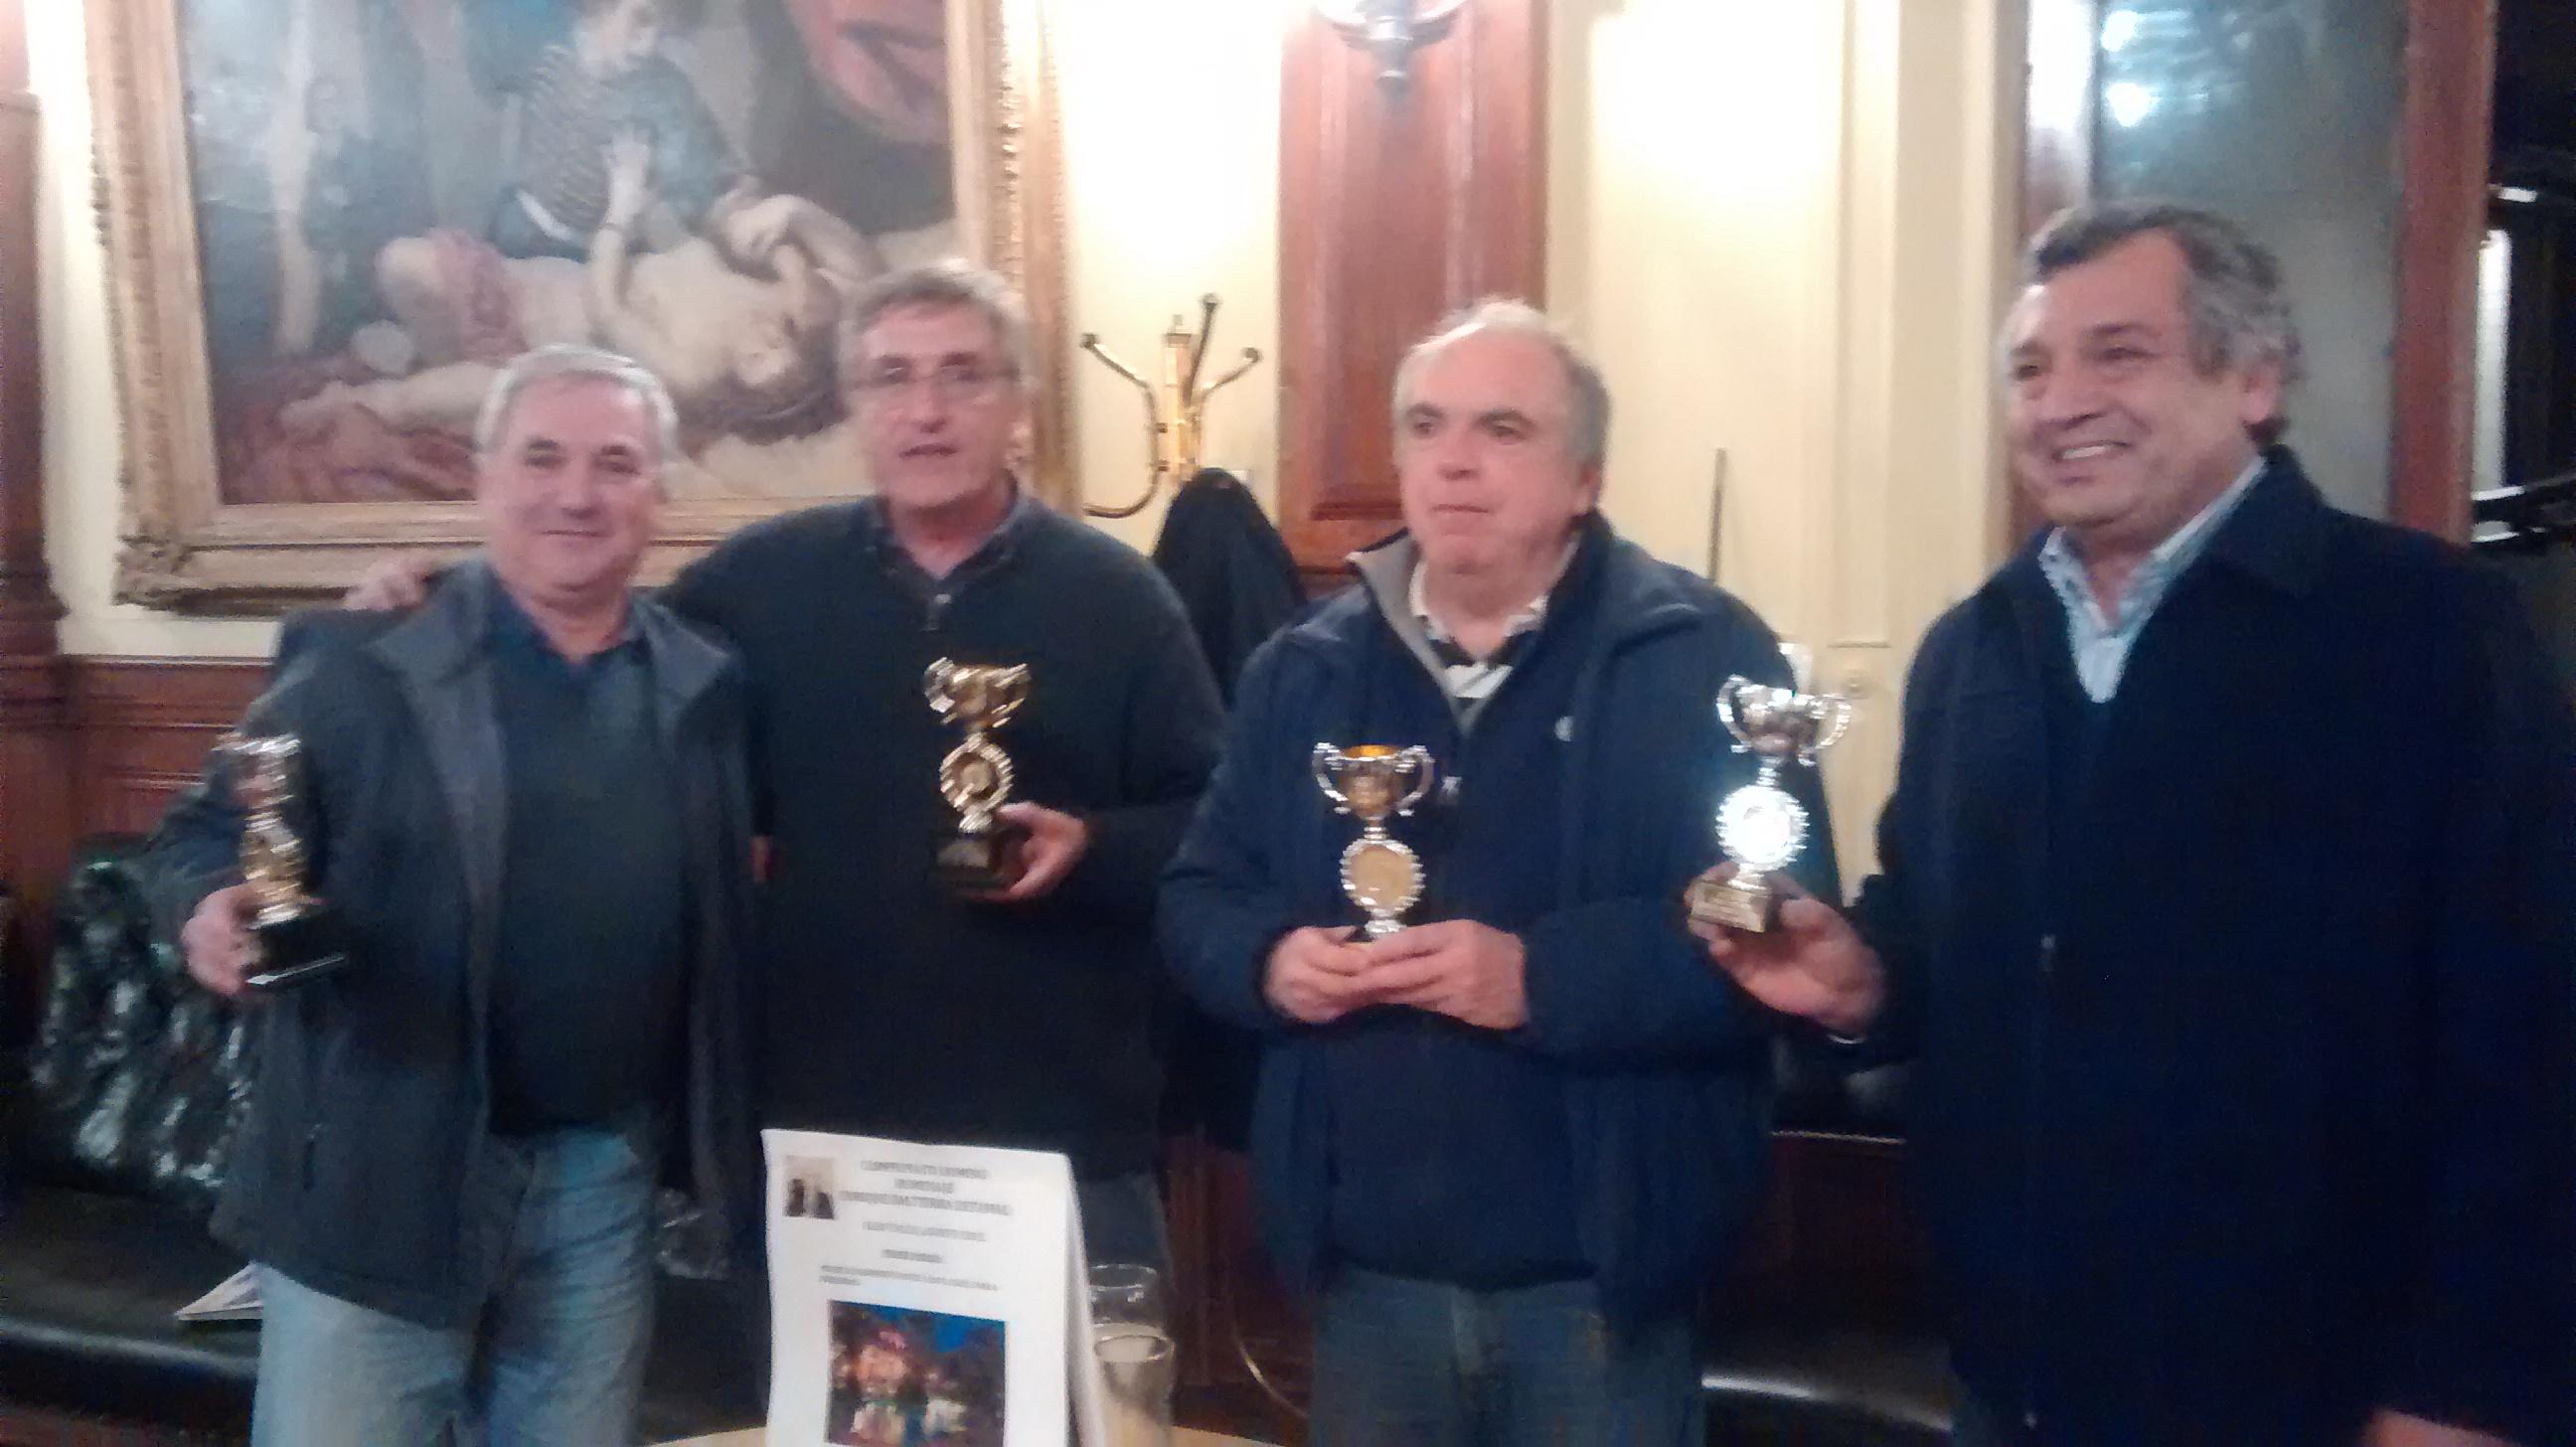 Hermosa gala y premiación de torneo de dominó en recuerdo de Enrique Baltierra realizó Club Talca